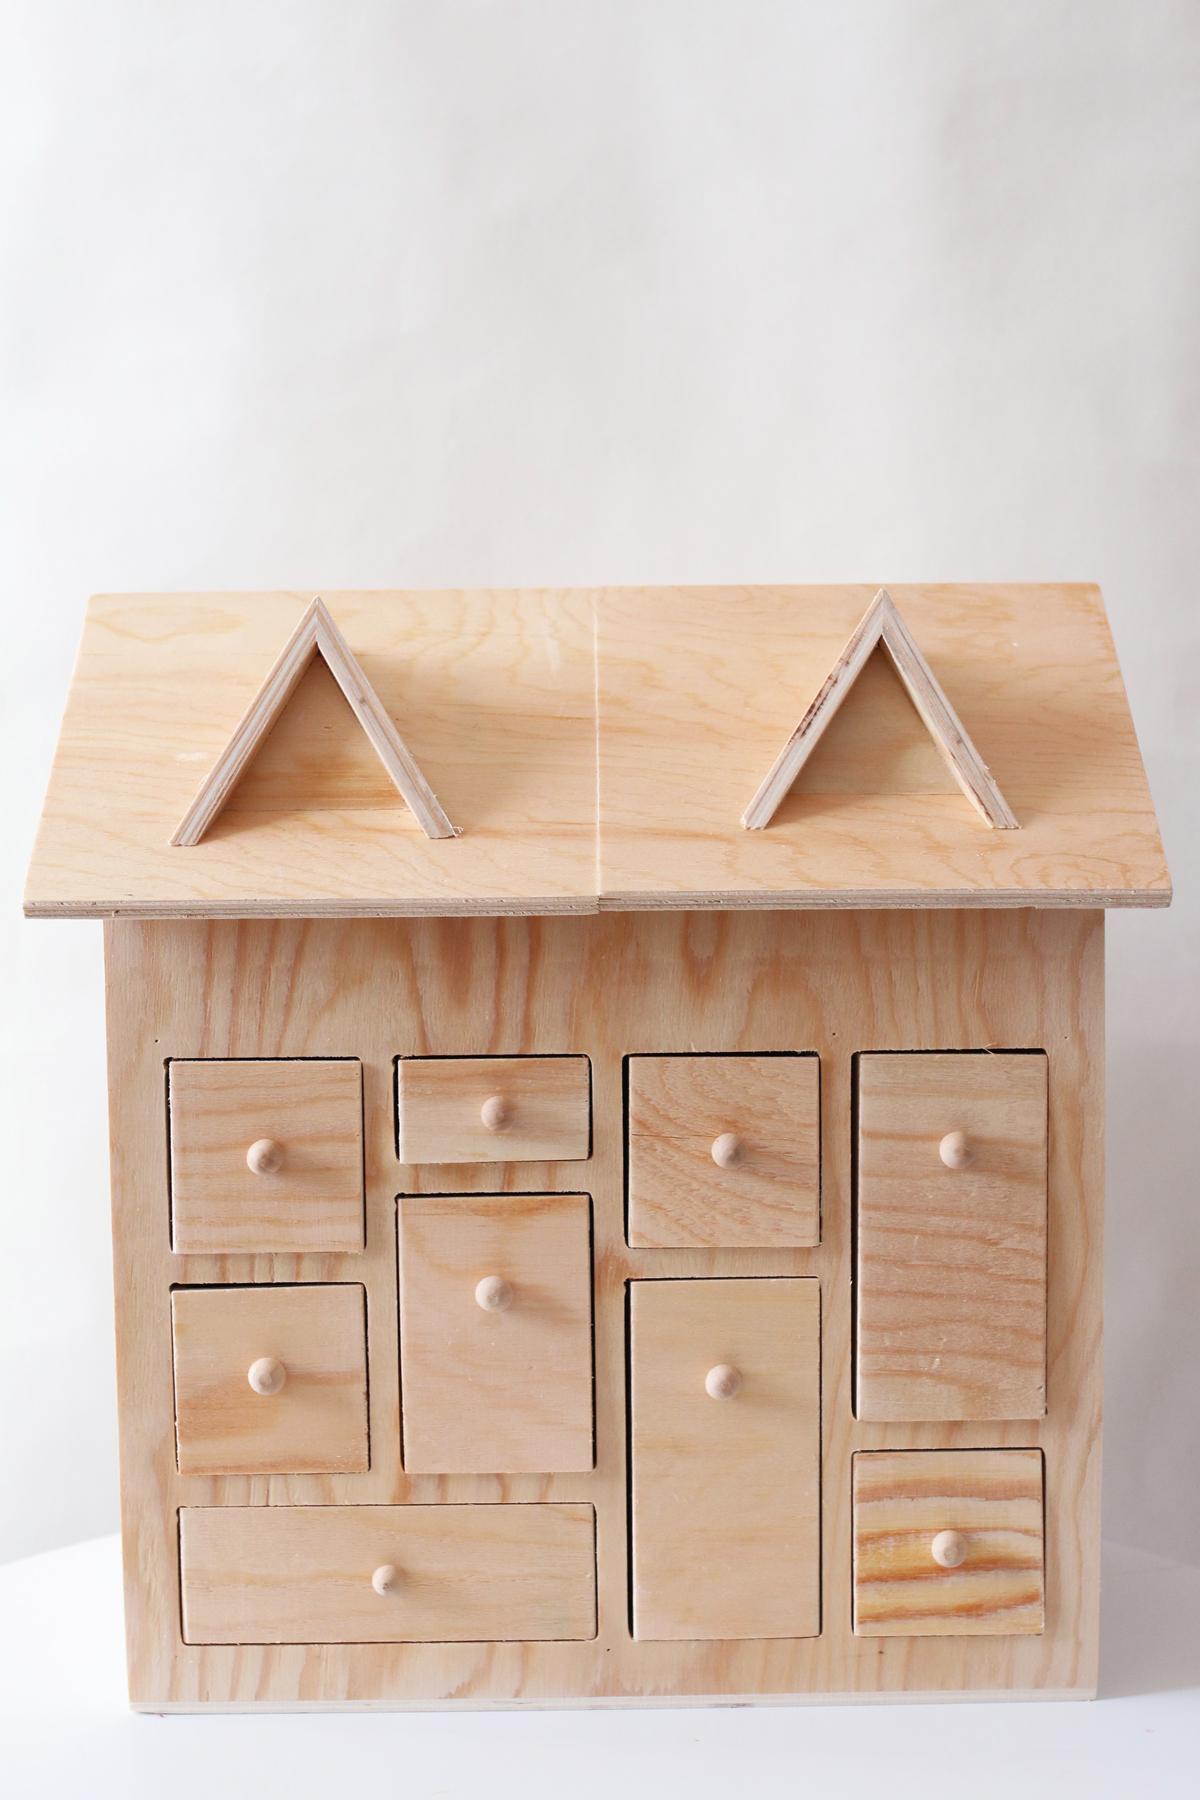 Diy calendrier de l'avent maison en bois matériel